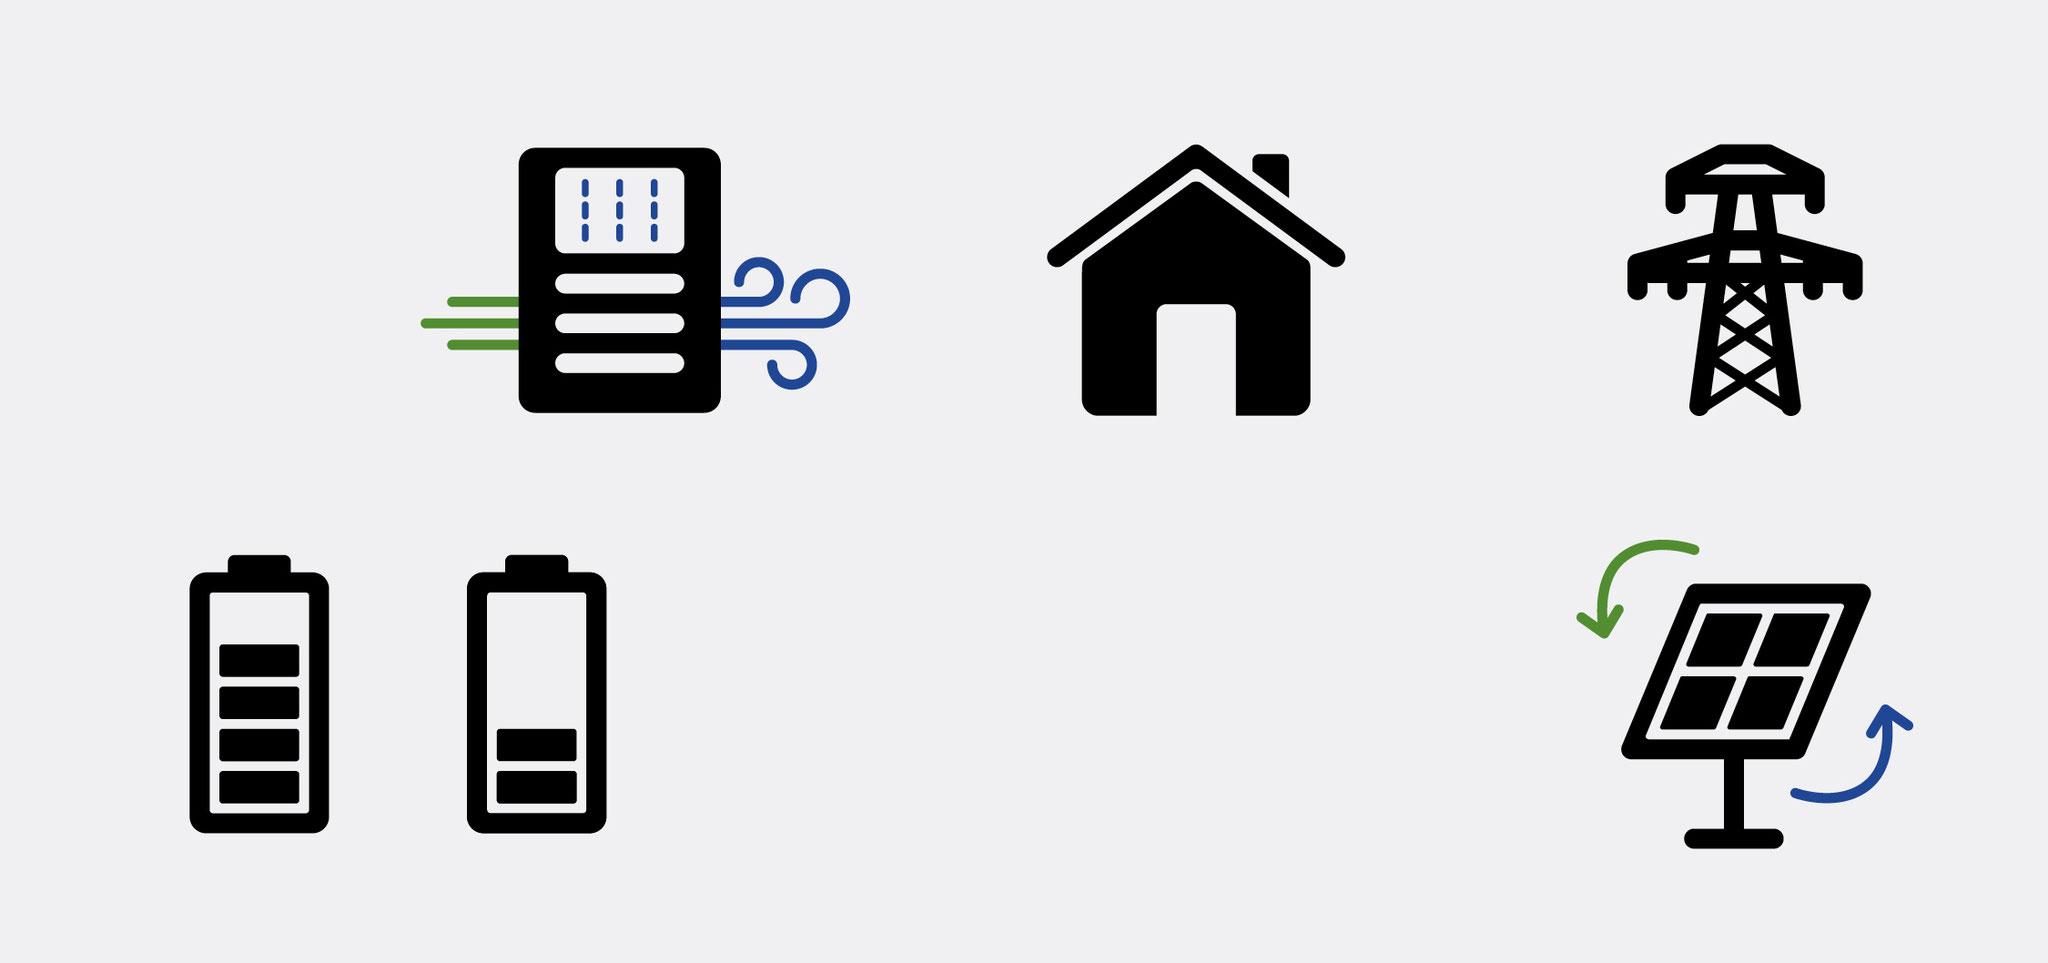 Lüftungs-Guide // Icons für eine App